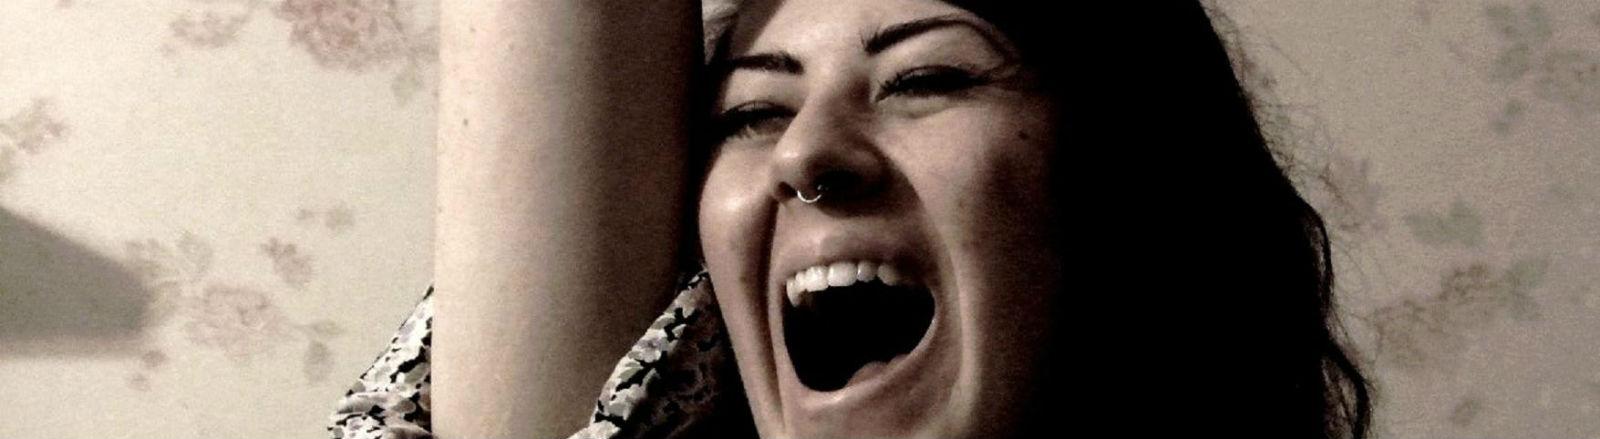 Eine junge Frau singt mit offenem Mund.